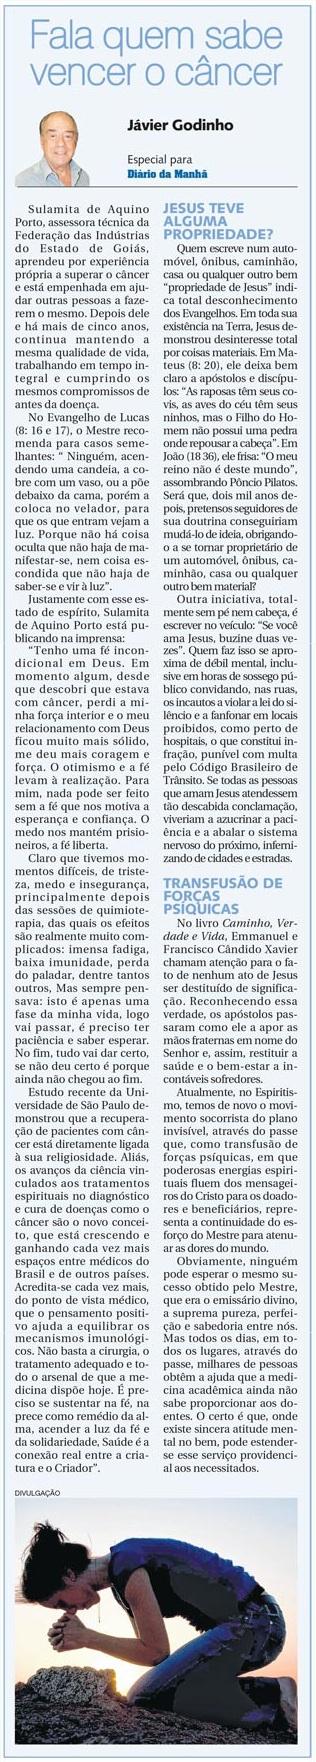 Fala quem sabe vencer o cancer - Javier Godinho - 14-05-2014